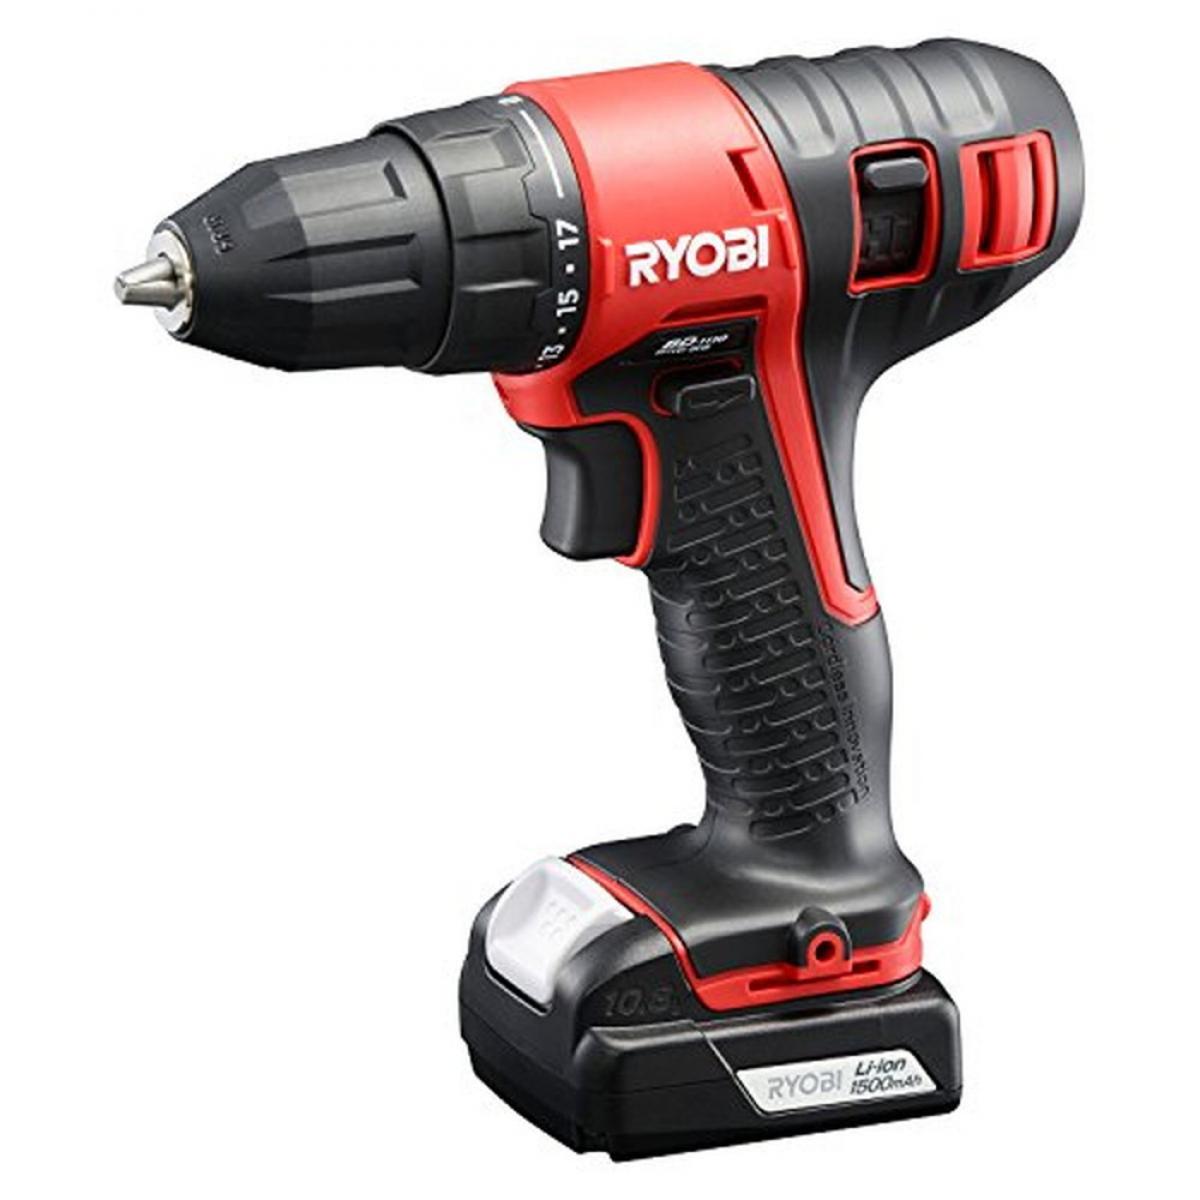 【在庫有】リョービ(RYOBI) 充電式ドライバドリル 電動工具 ドリルドライバ ドリル  BD-1110L1 648900A